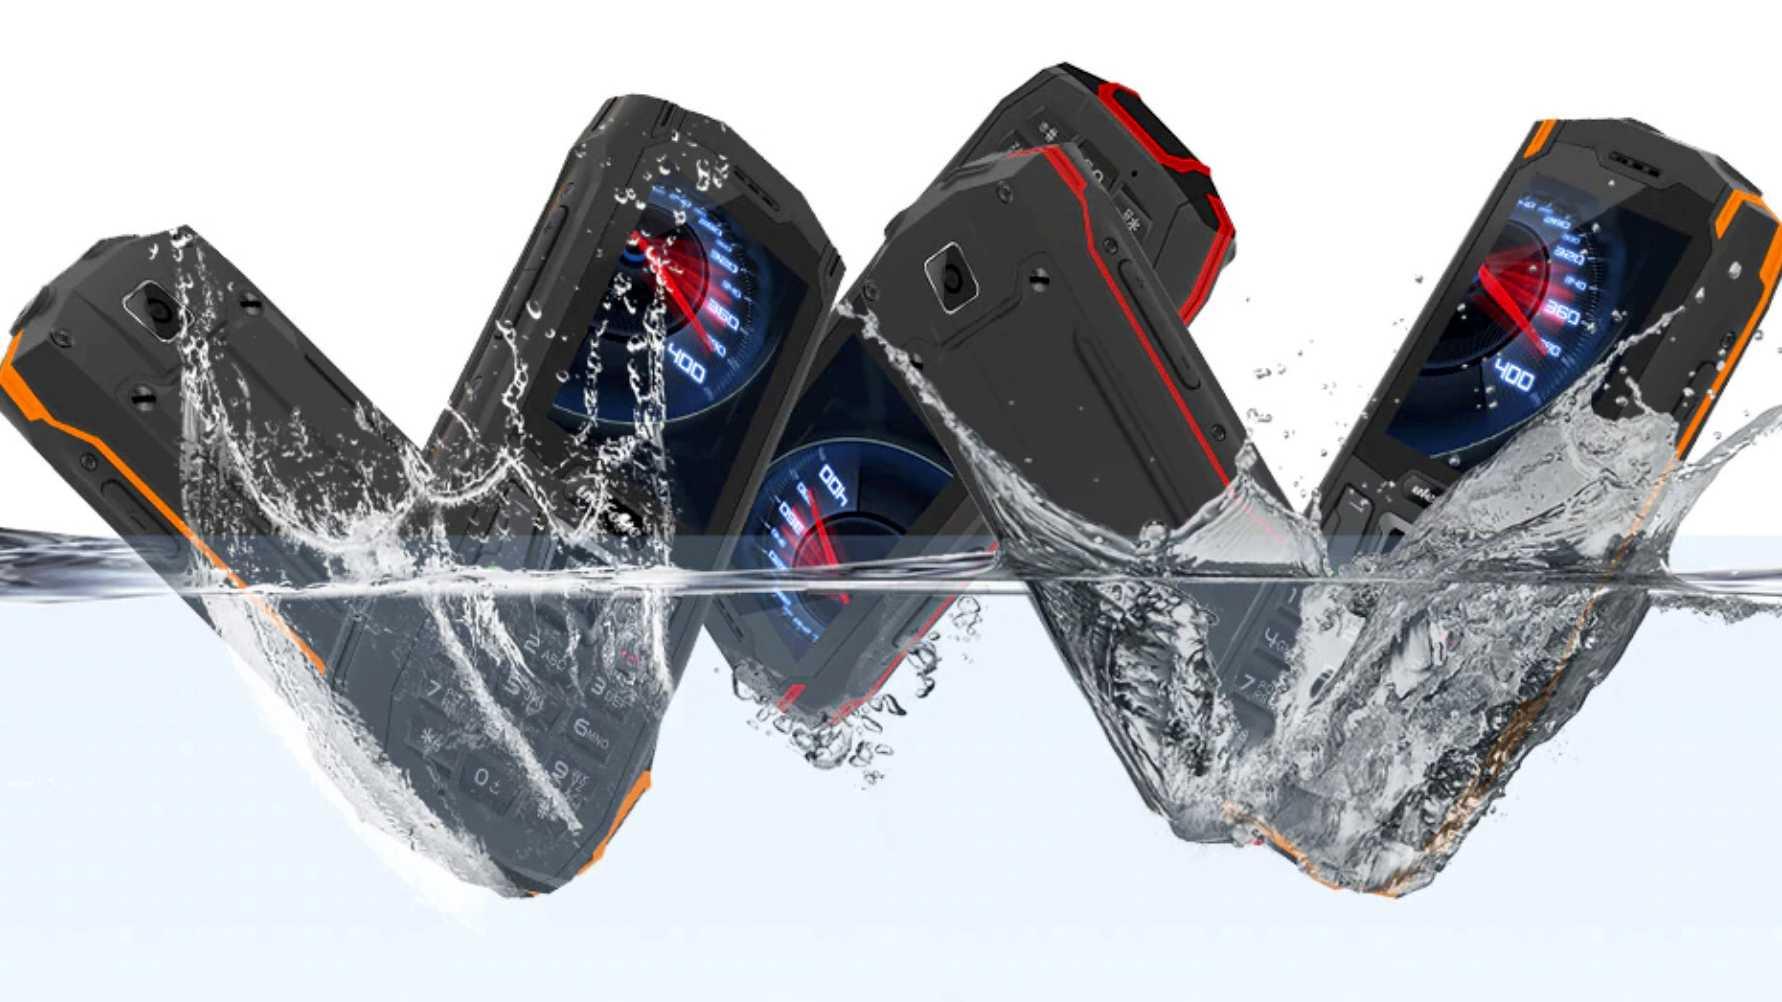 Wasserfeste Outdoor-Handys unter 50 Euro